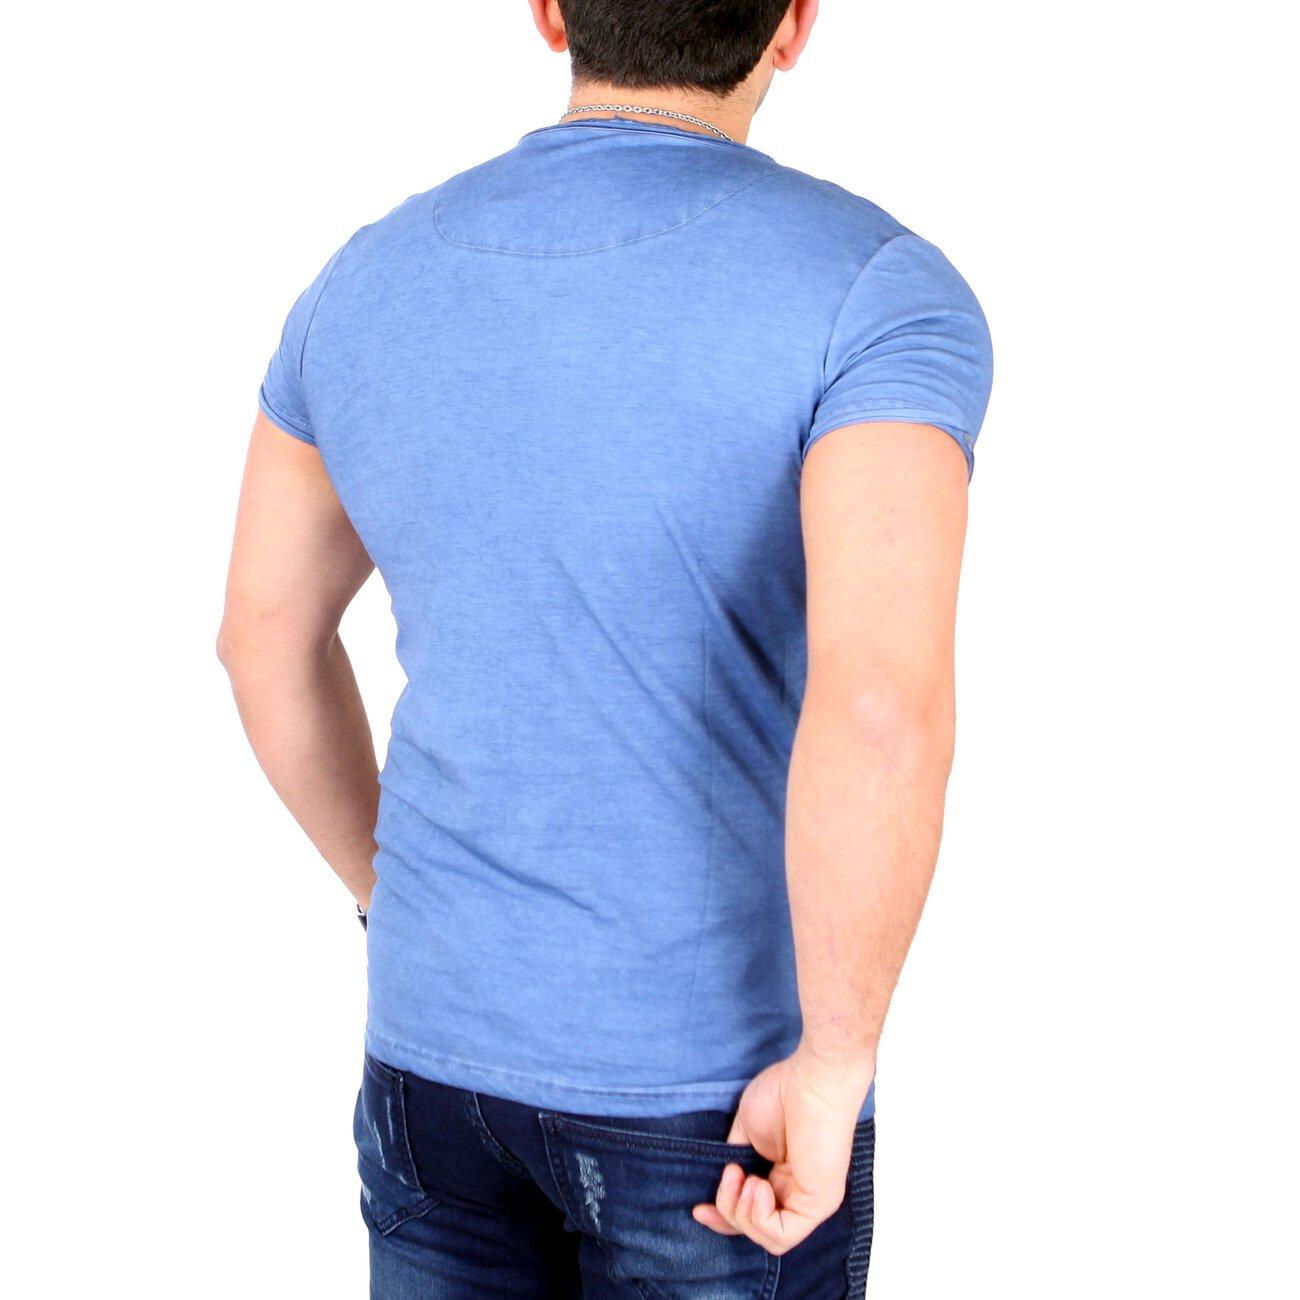 Tazzio T Shirt Herren Buttoned Flockprint Rundhals Shirt